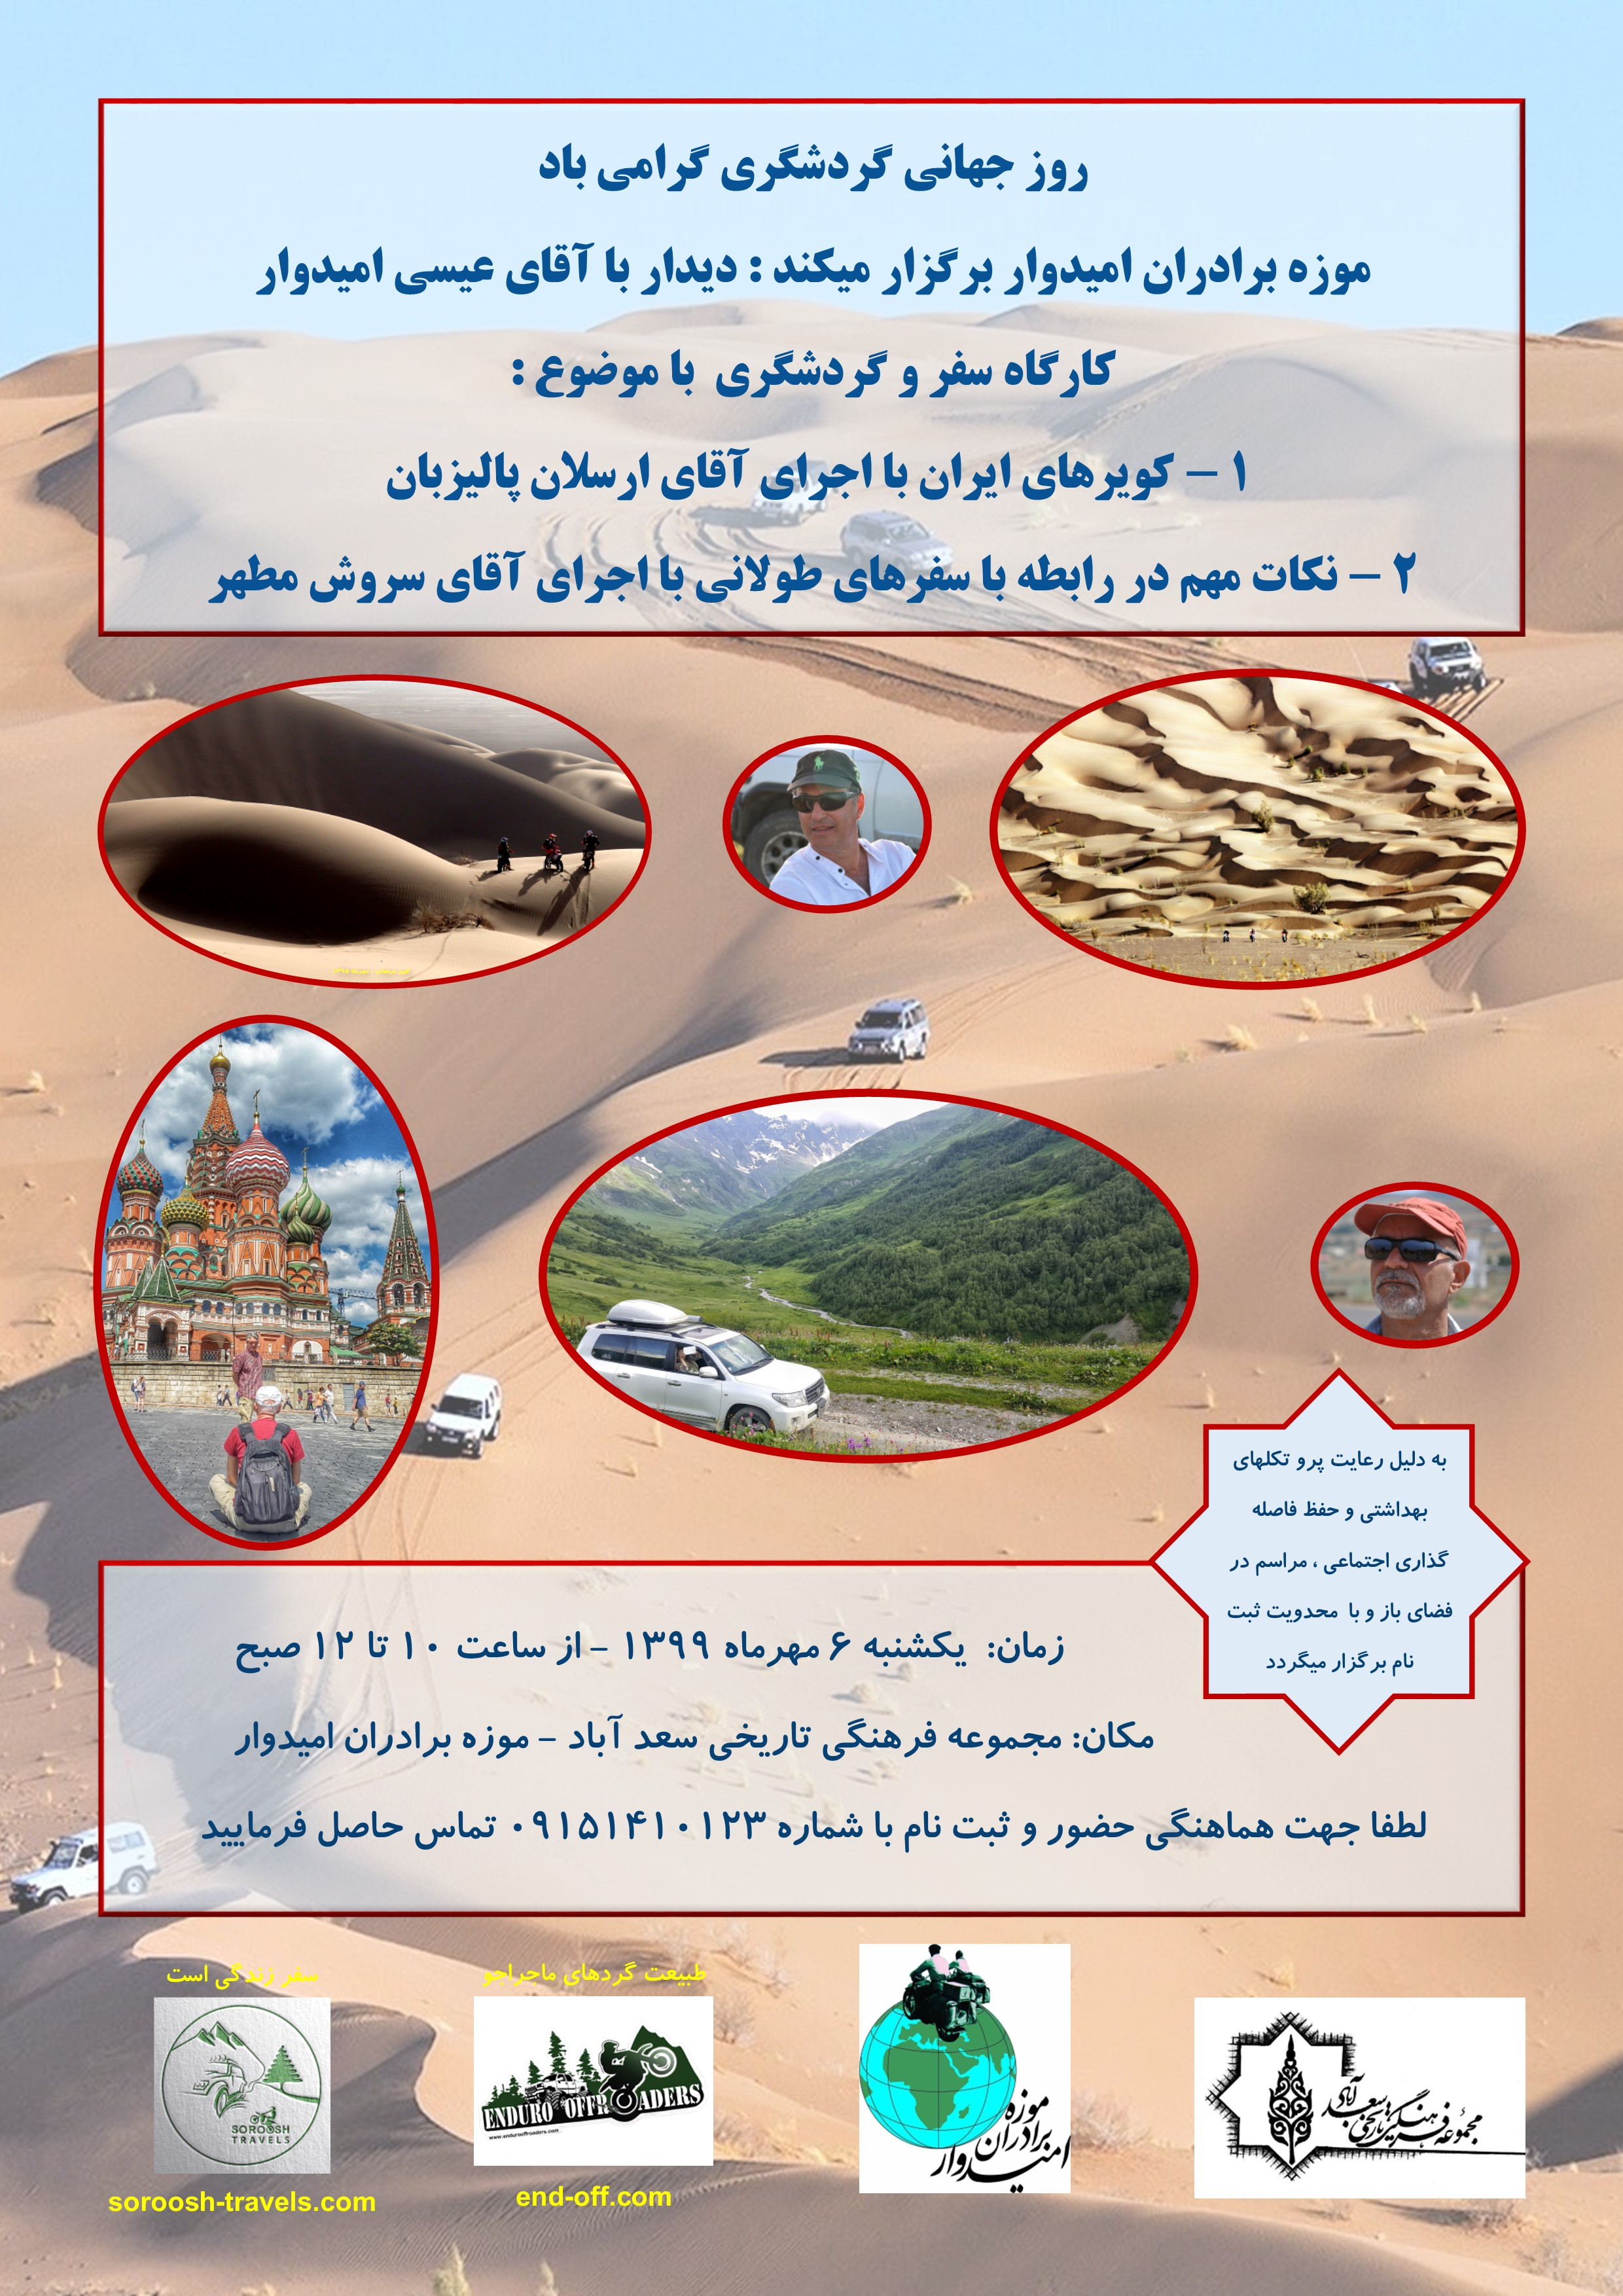 کارگاه سفر و گردشگری در موزه برادران امیدوار - ششم مهرماه 1399